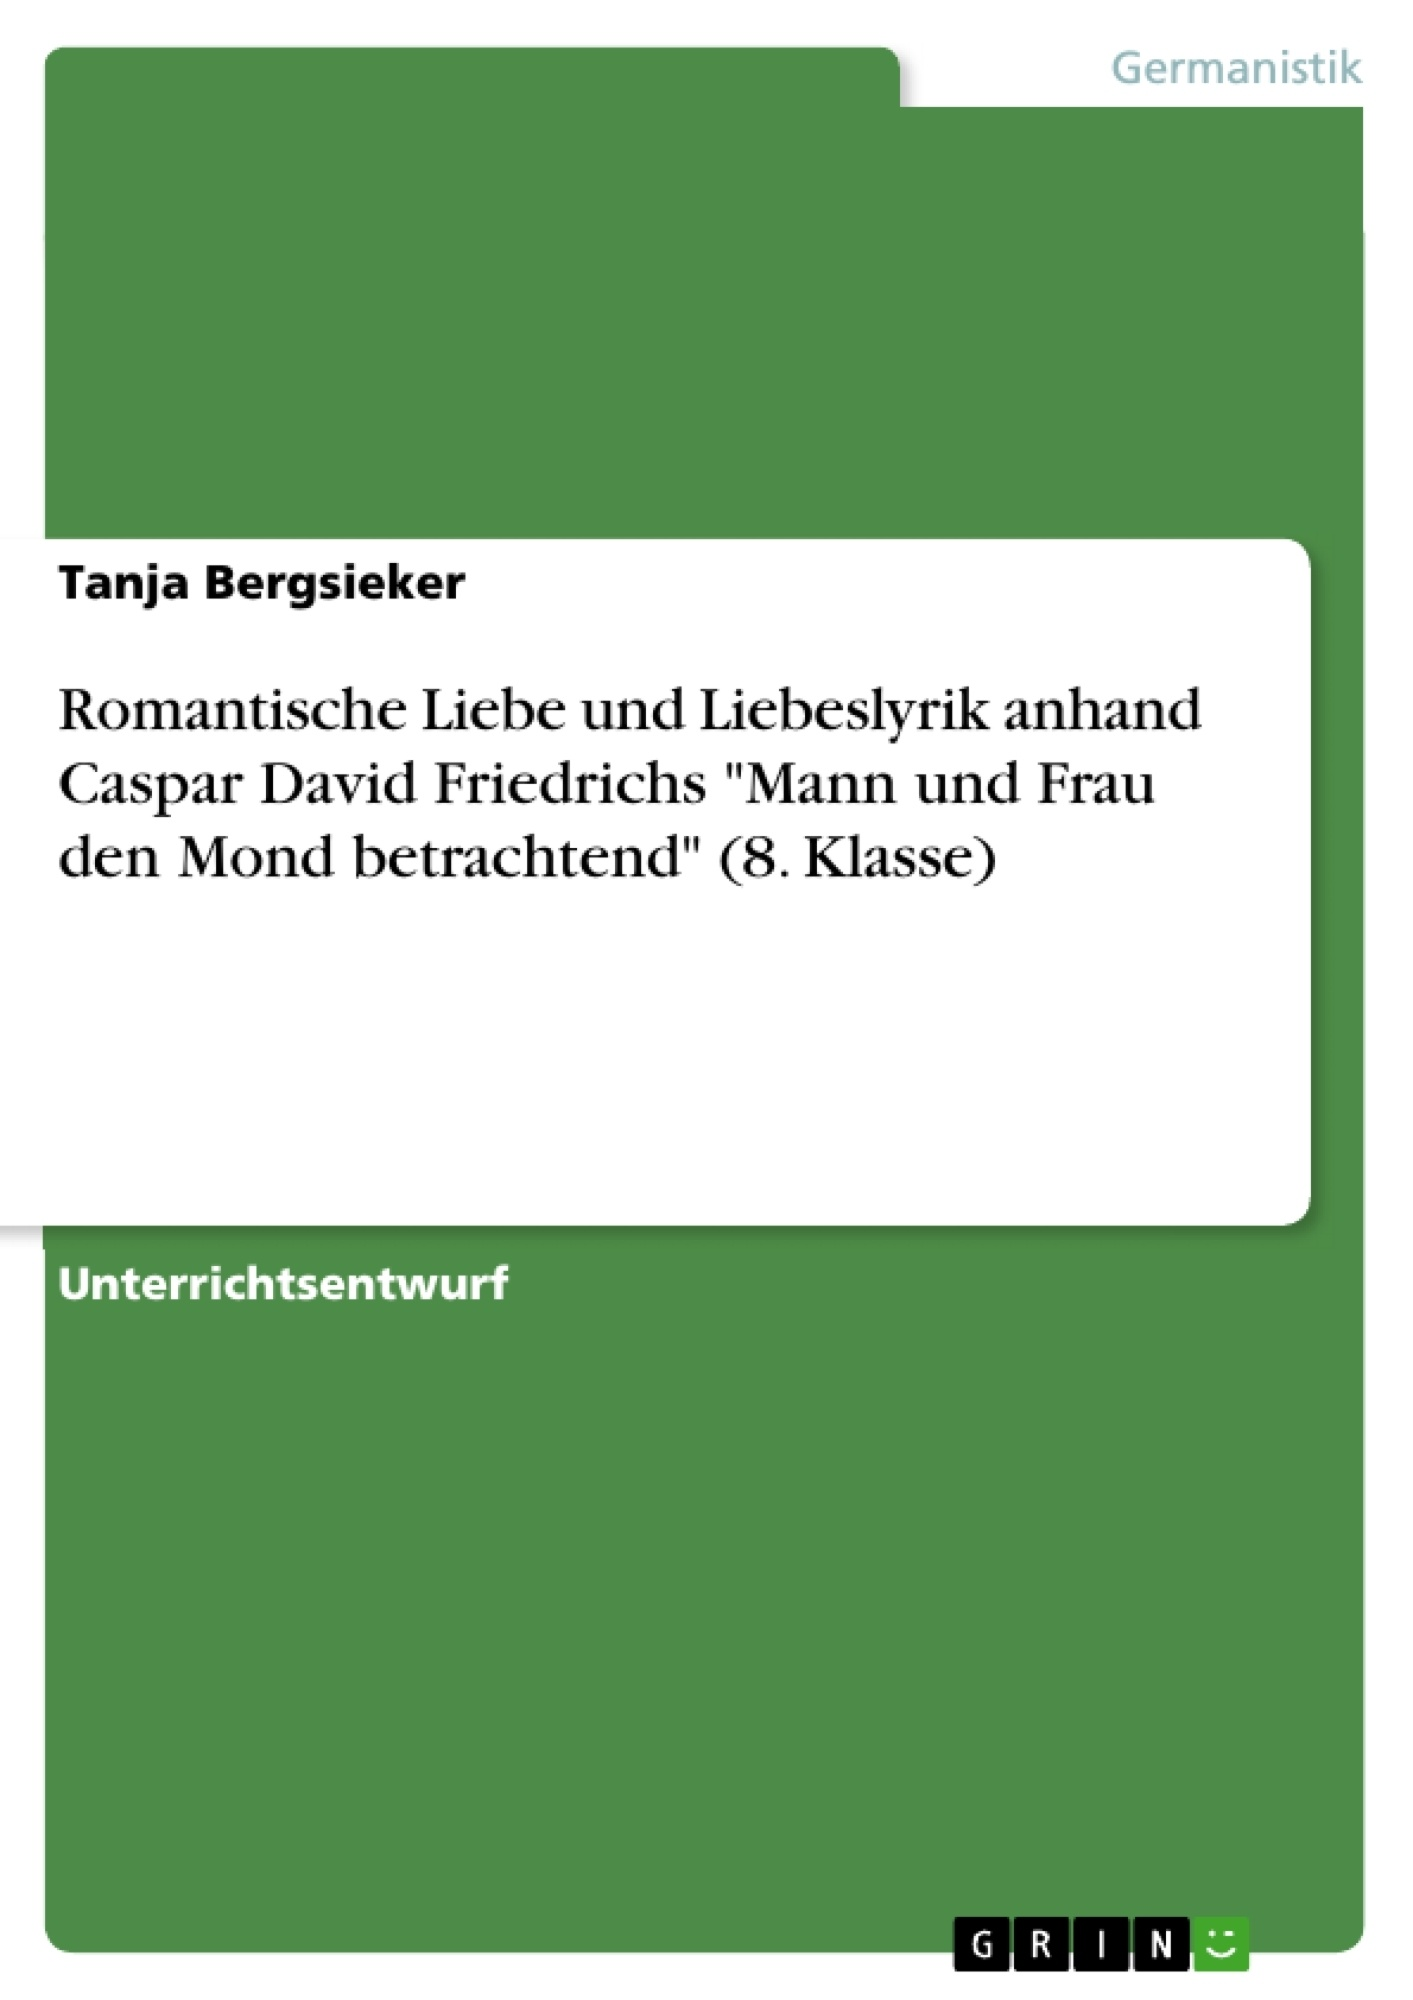 """Titel: Romantische Liebe und Liebeslyrik anhand Caspar David Friedrichs """"Mann und Frau den Mond betrachtend"""" (8. Klasse)"""